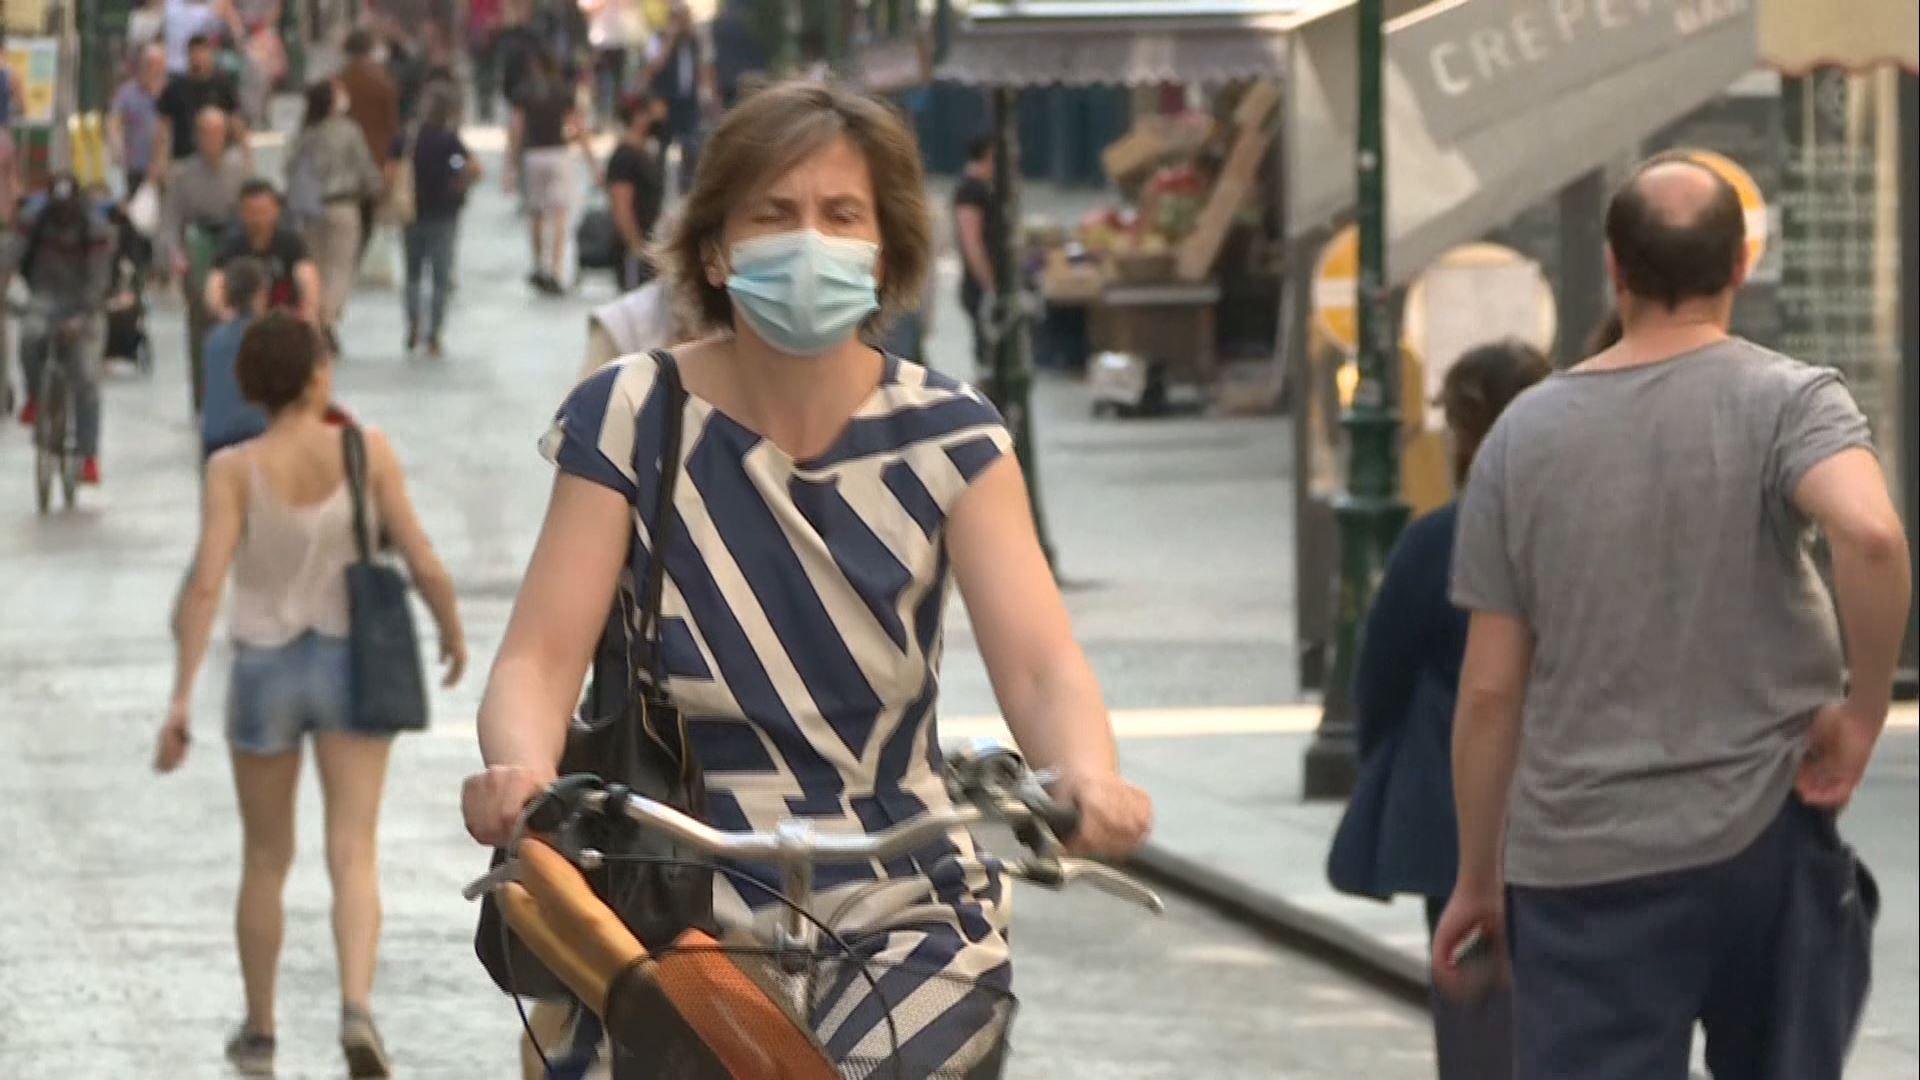 Vídeo: Algunos países del norte de Europa relajan las medidas  anticoronavirus | Noticias del mundo | EiTB